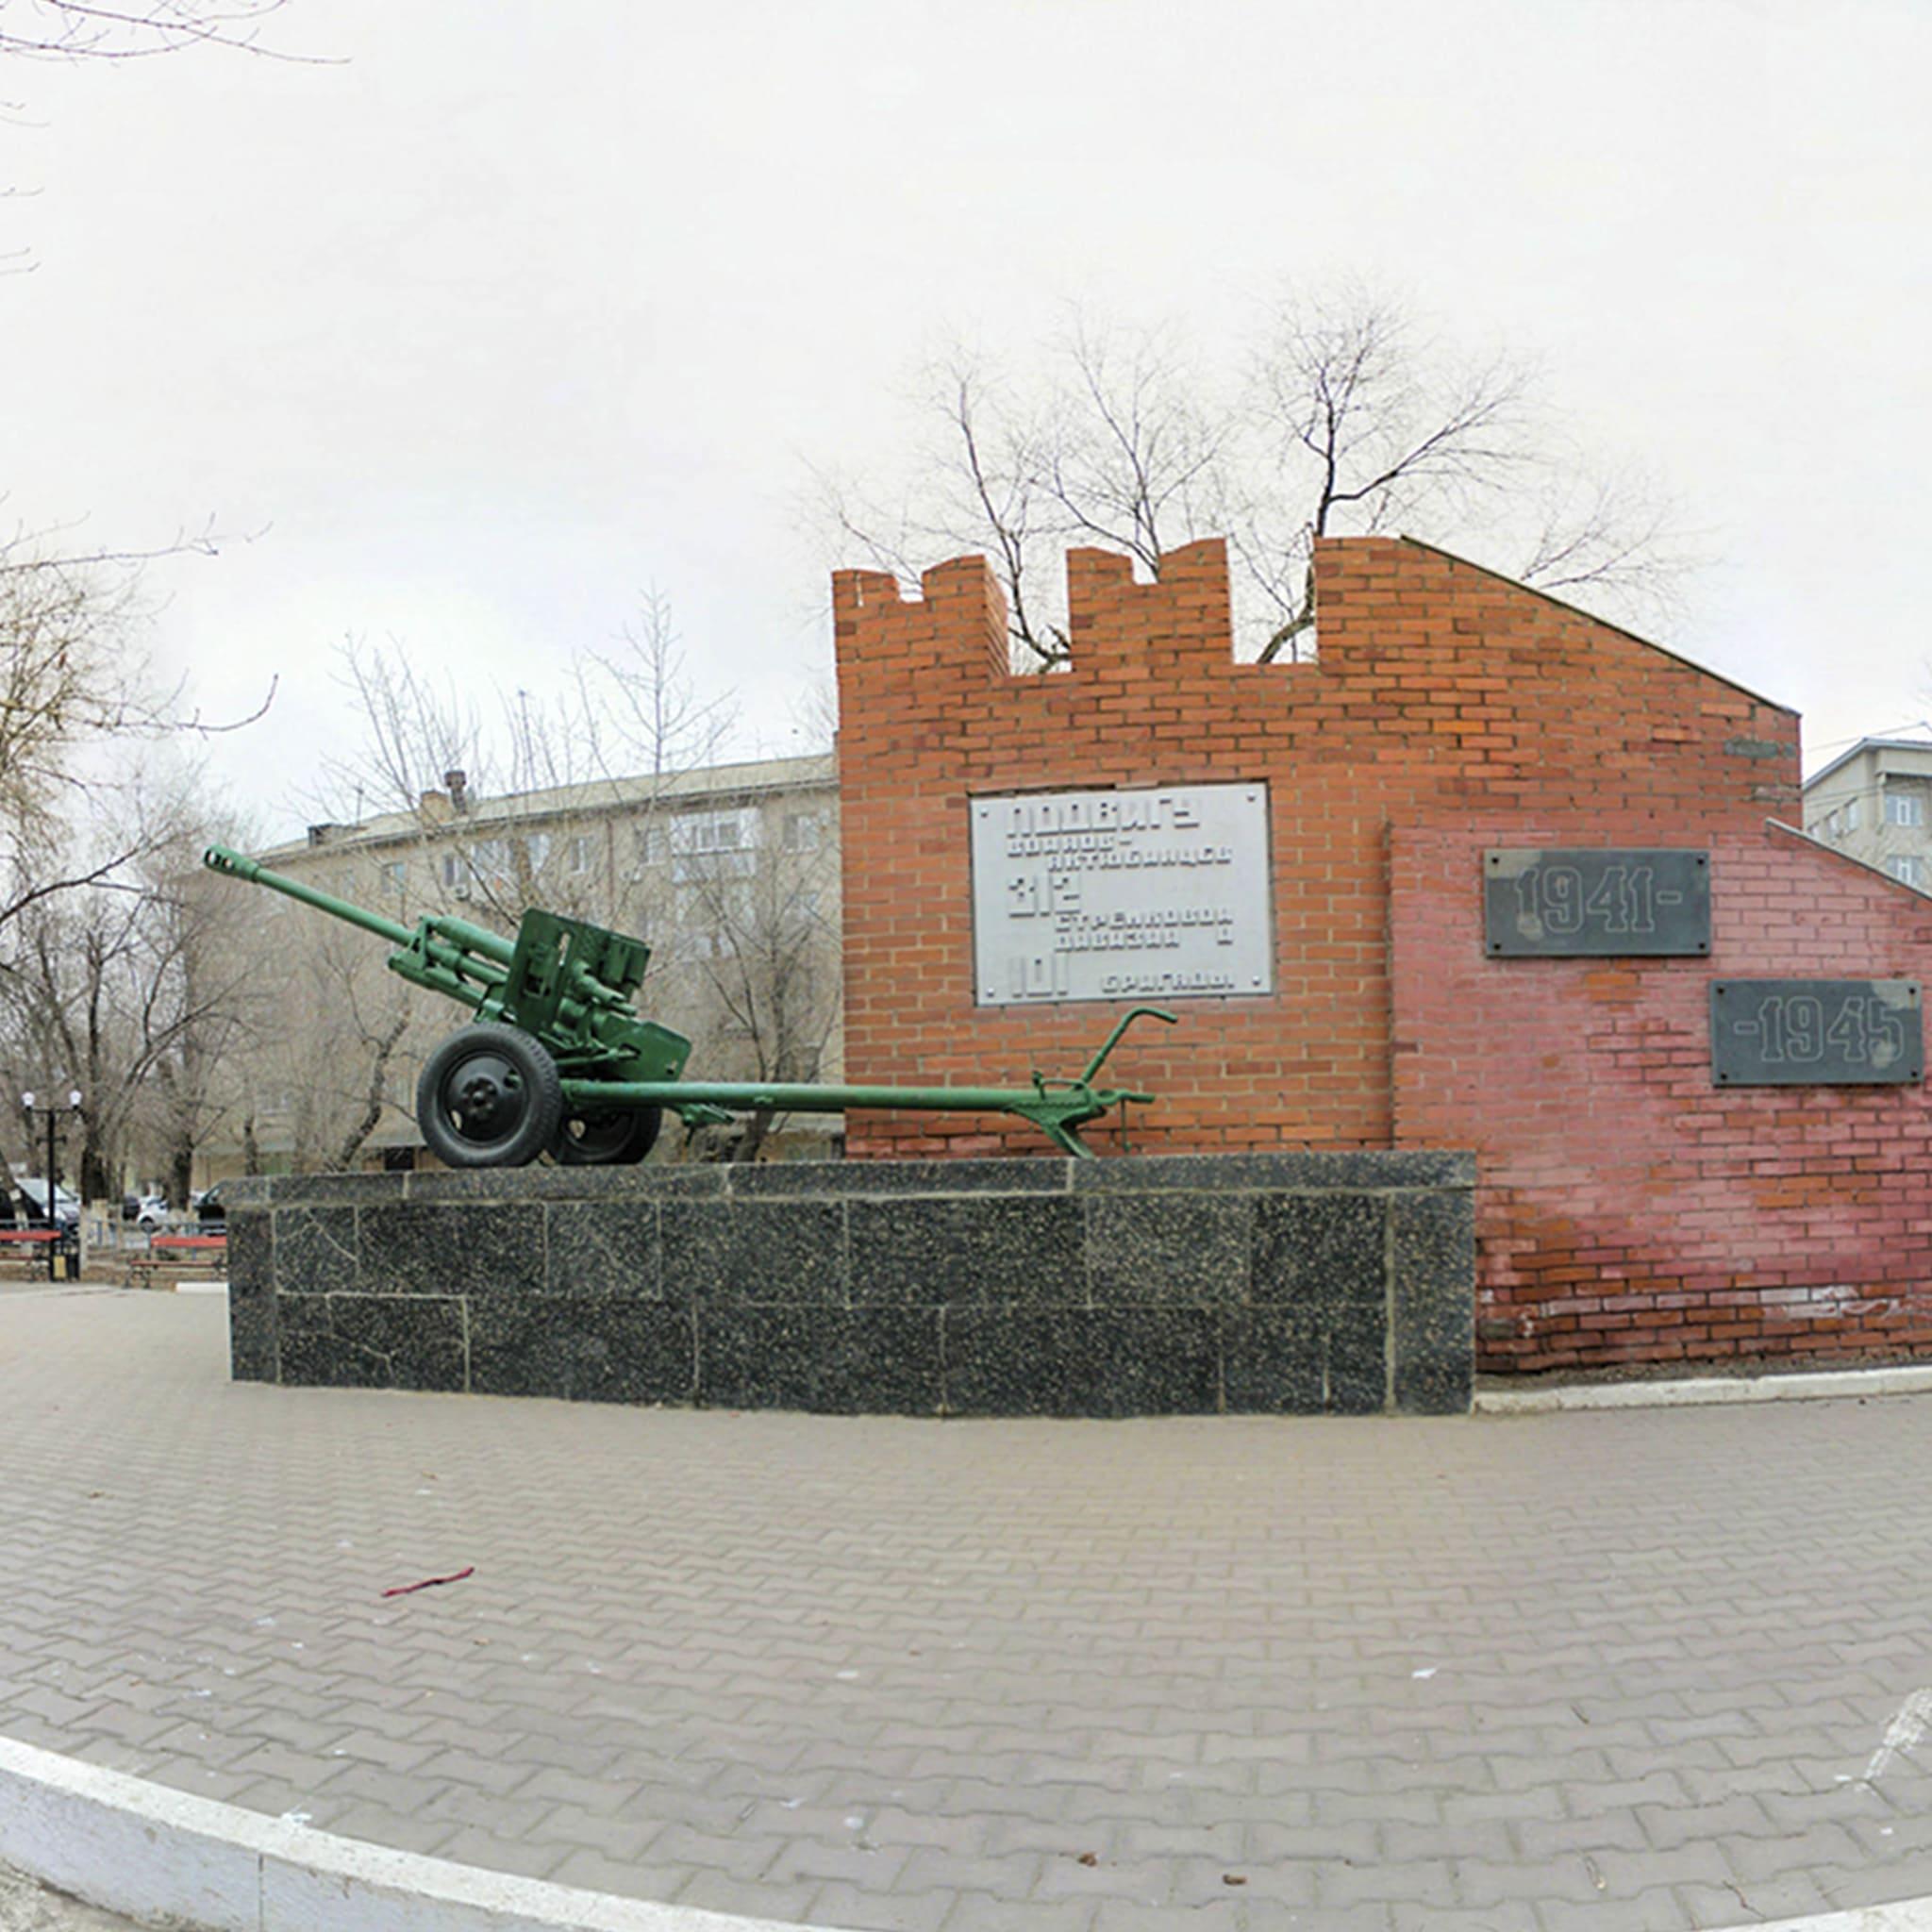 Памятник-обелиск «Пушка» в честь 312 стрелковой дивизии и 101 стрелковой бригады